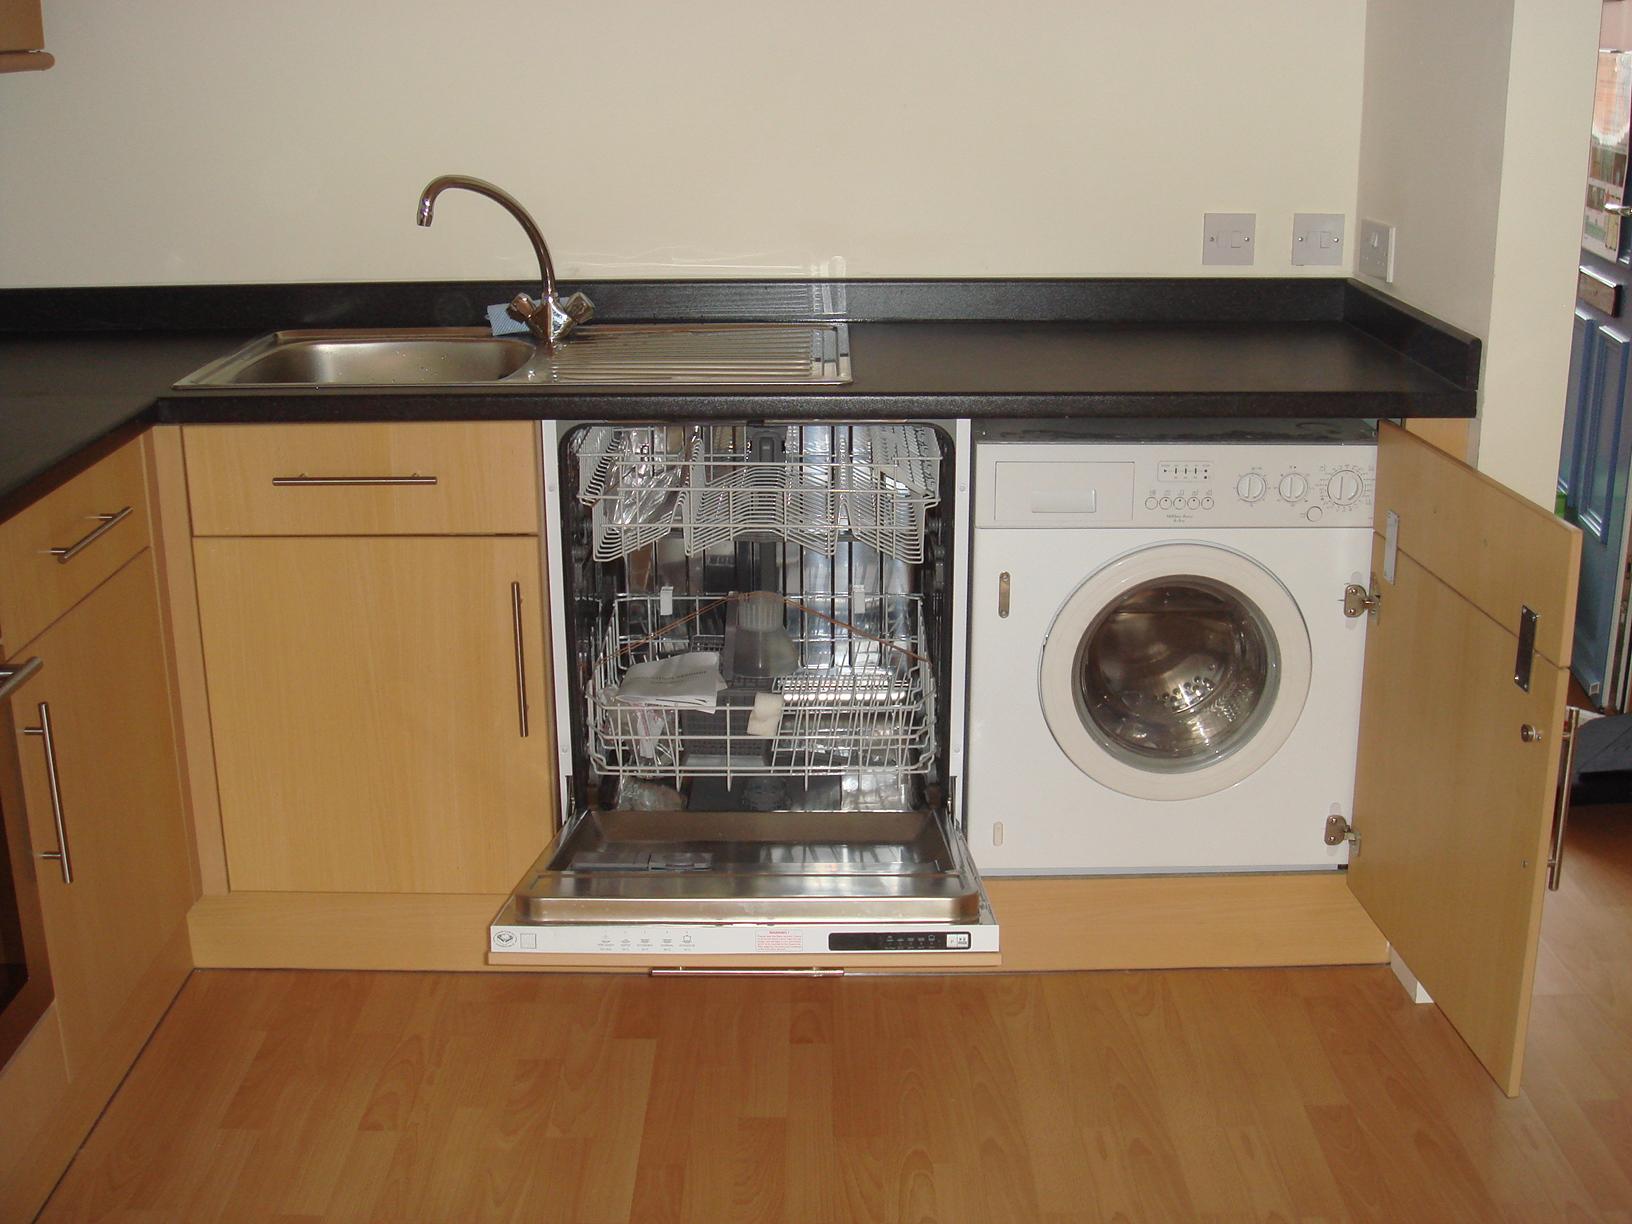 Kitchen Sink Dishwasher Washing Machine